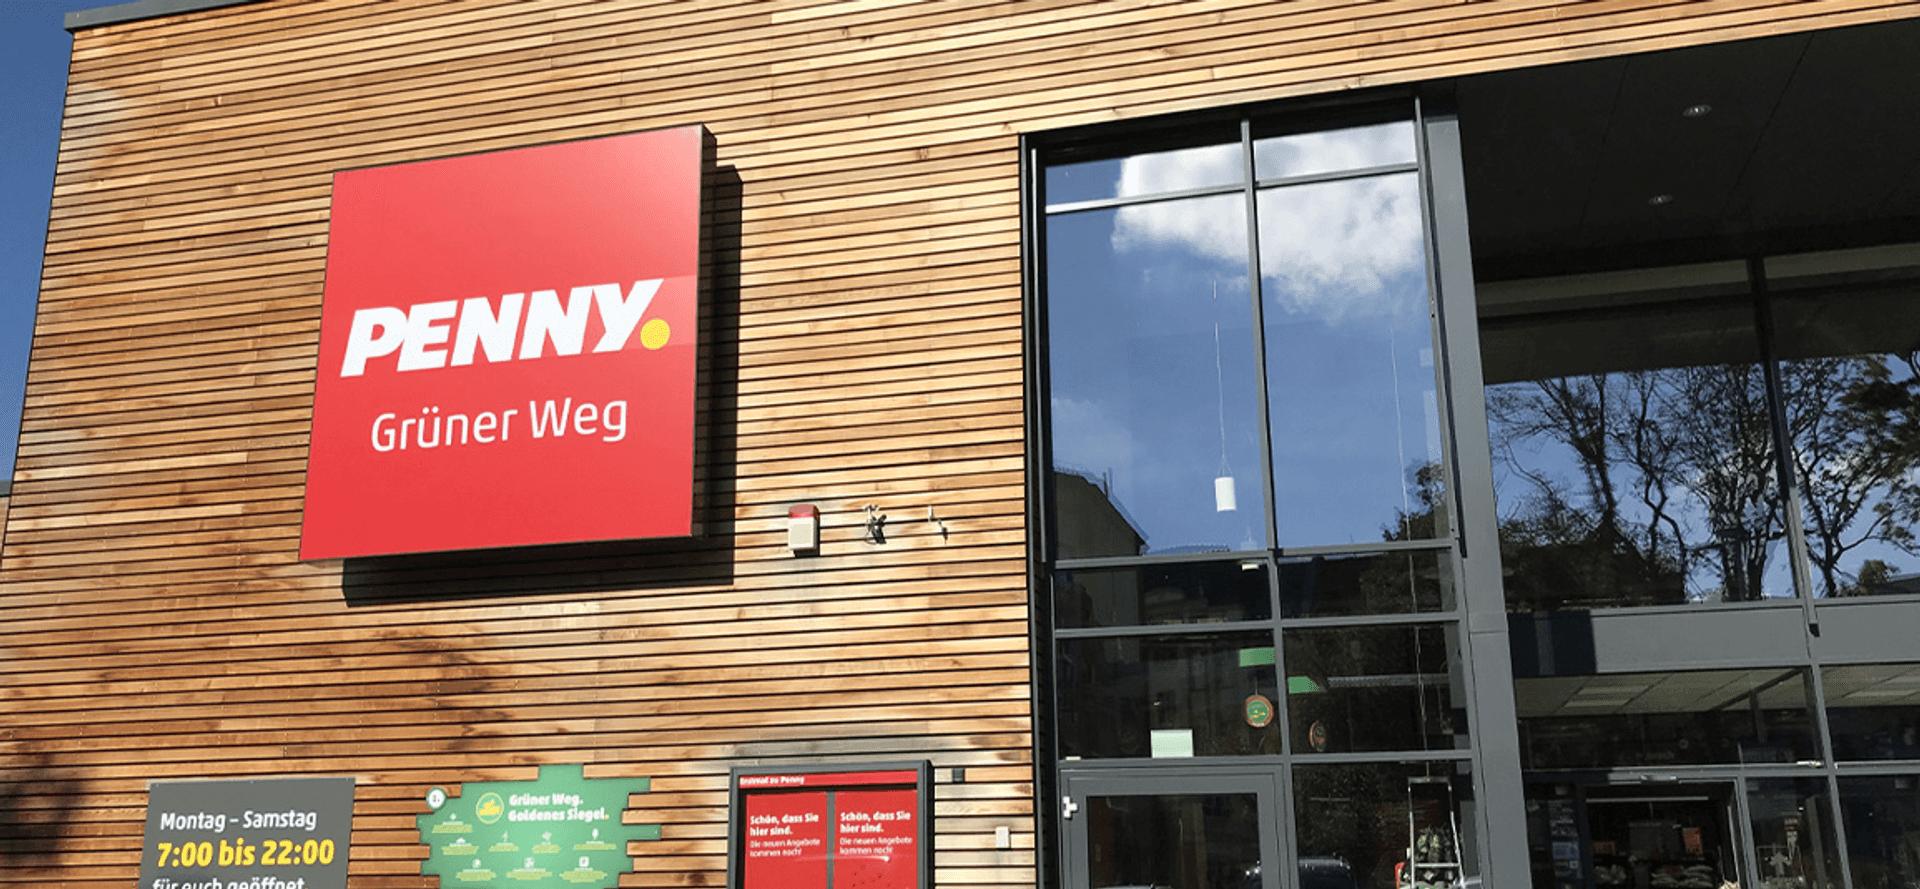 Penny Gruener Weg